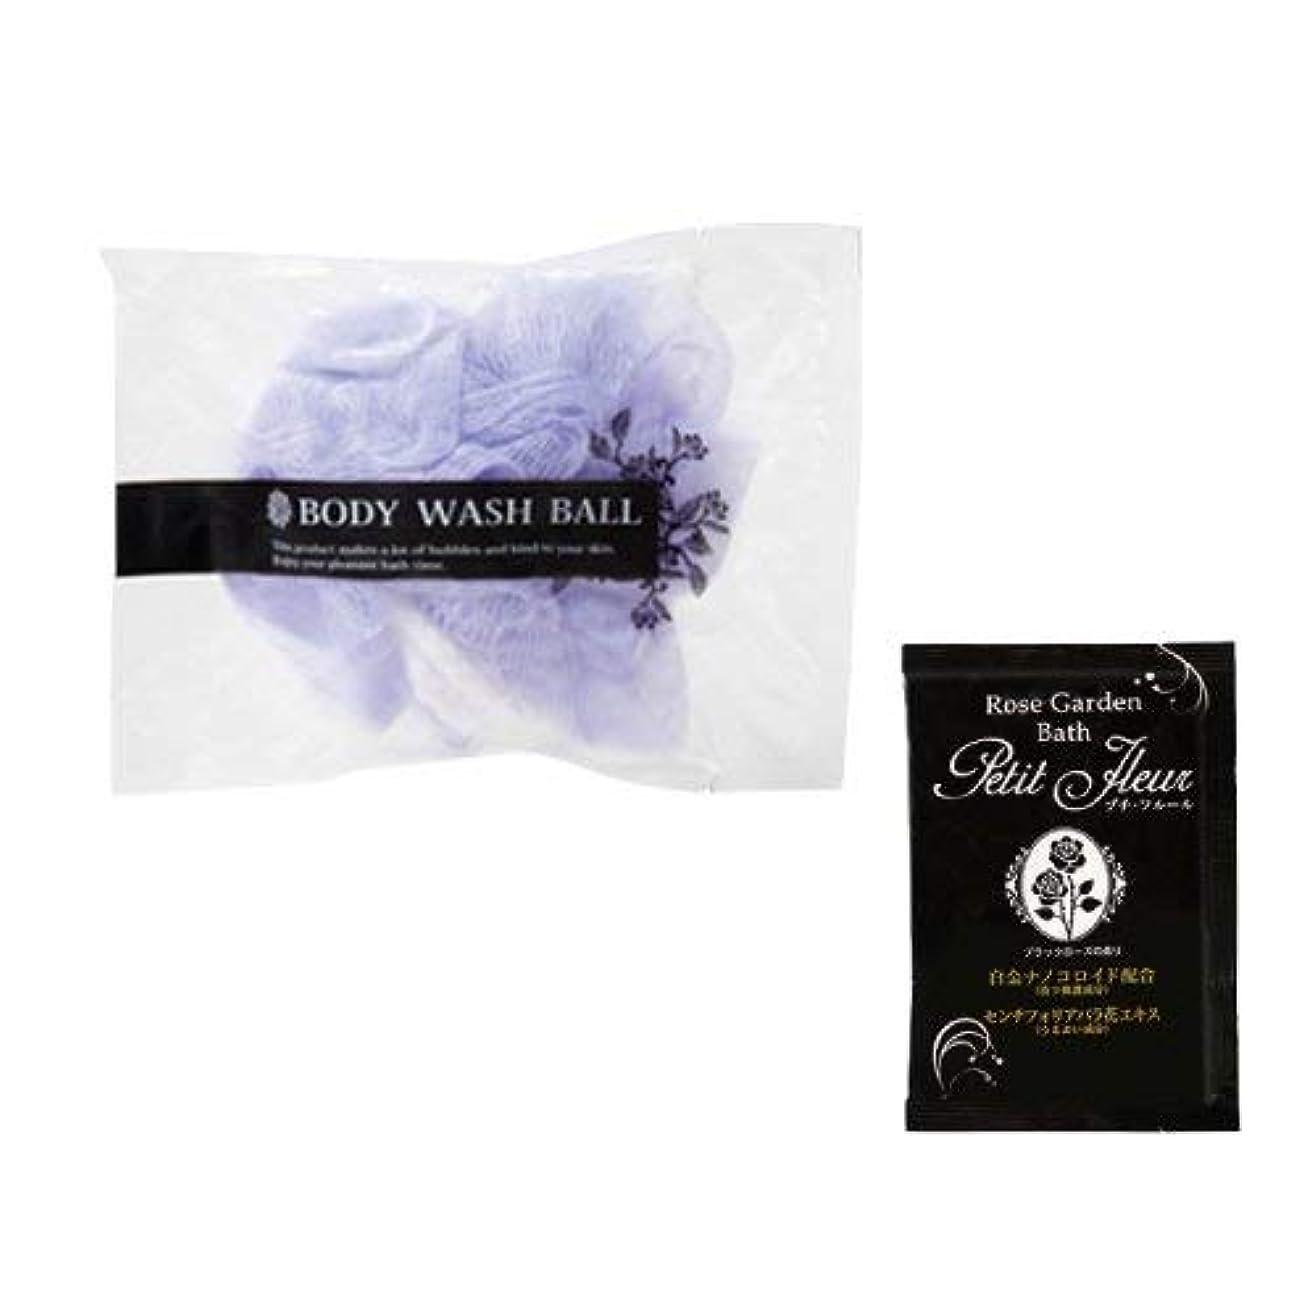 ボディウォッシュボール 個包装 パープル + 入浴剤プチフルール(1回分) - BODY WASH BALL